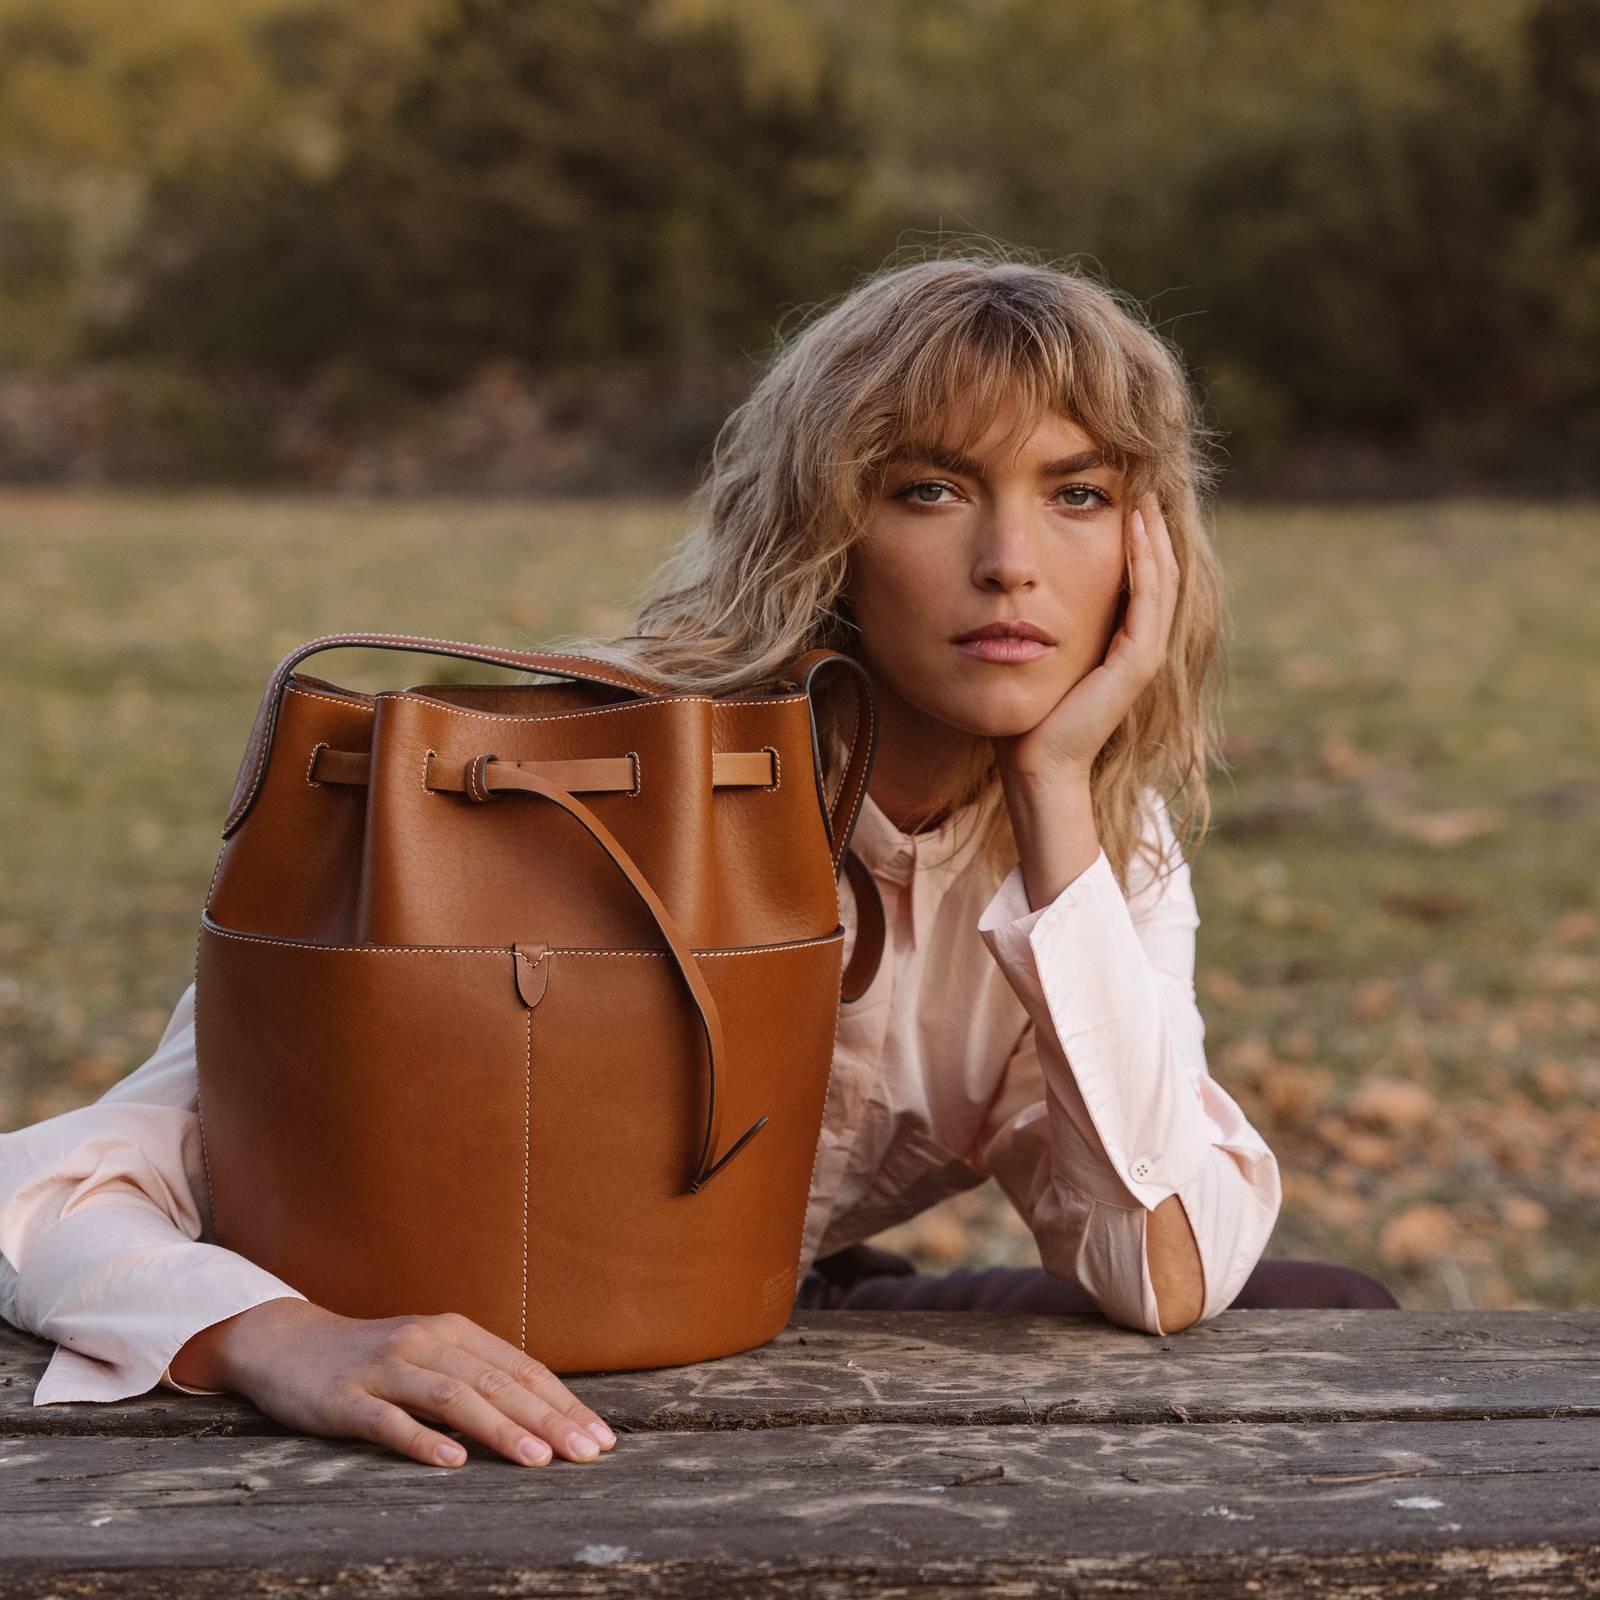 Дизайнер Аня Хиндмарч выпустила коллекцию биоразлагаемых сумок (фото 1)